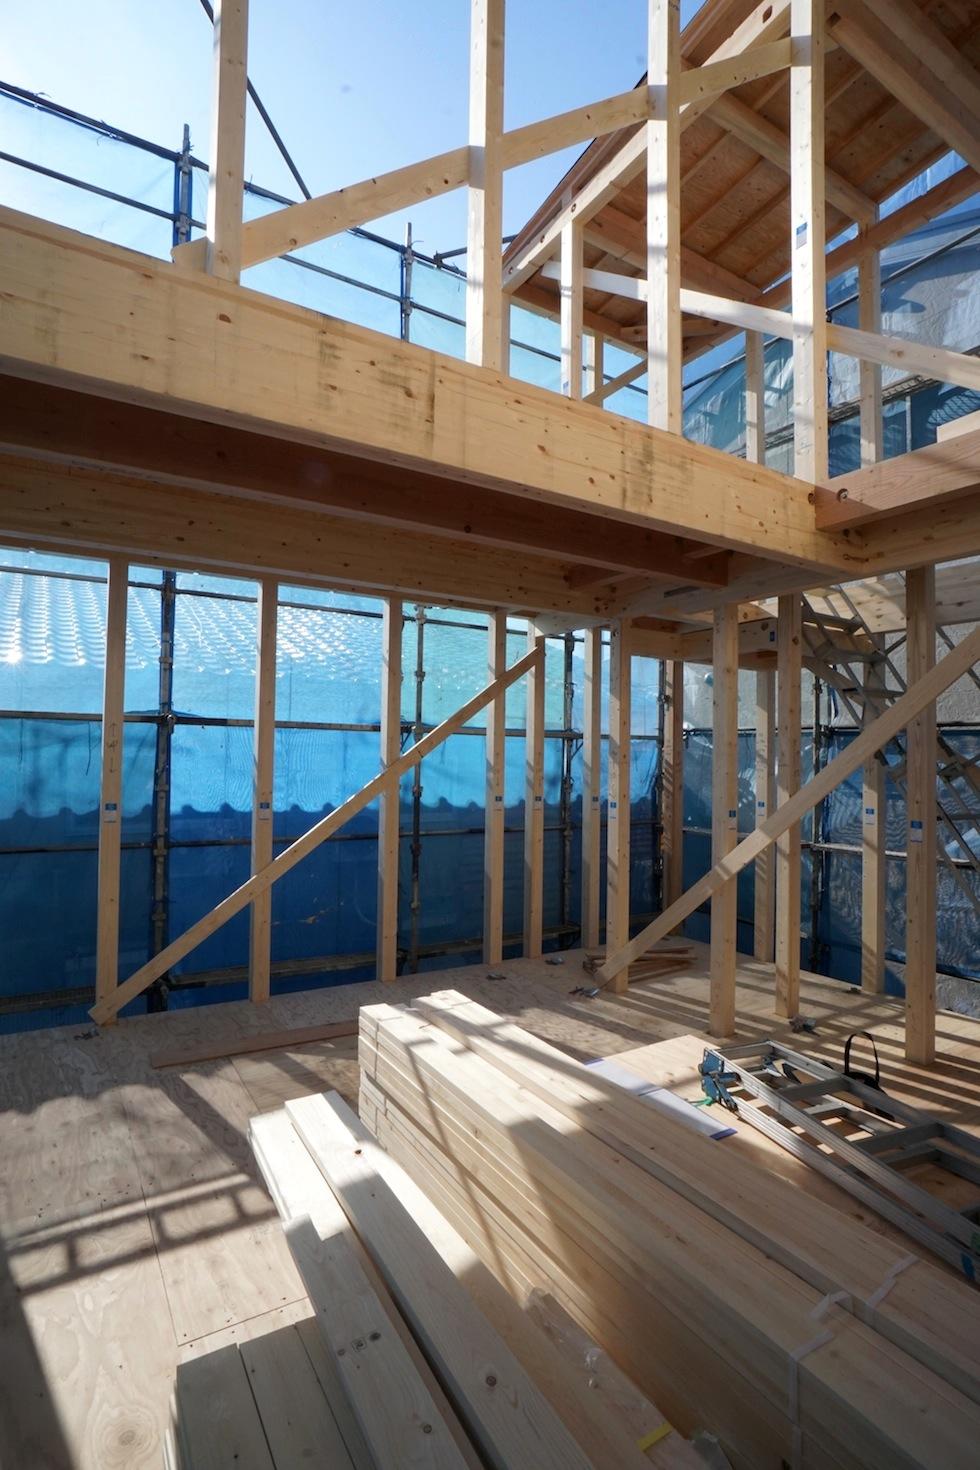 高級注文住宅,大阪,京都,滋賀,神戸,住宅設計,建築家,設計事務所,螺旋階段,3階建てデザイン,吹抜